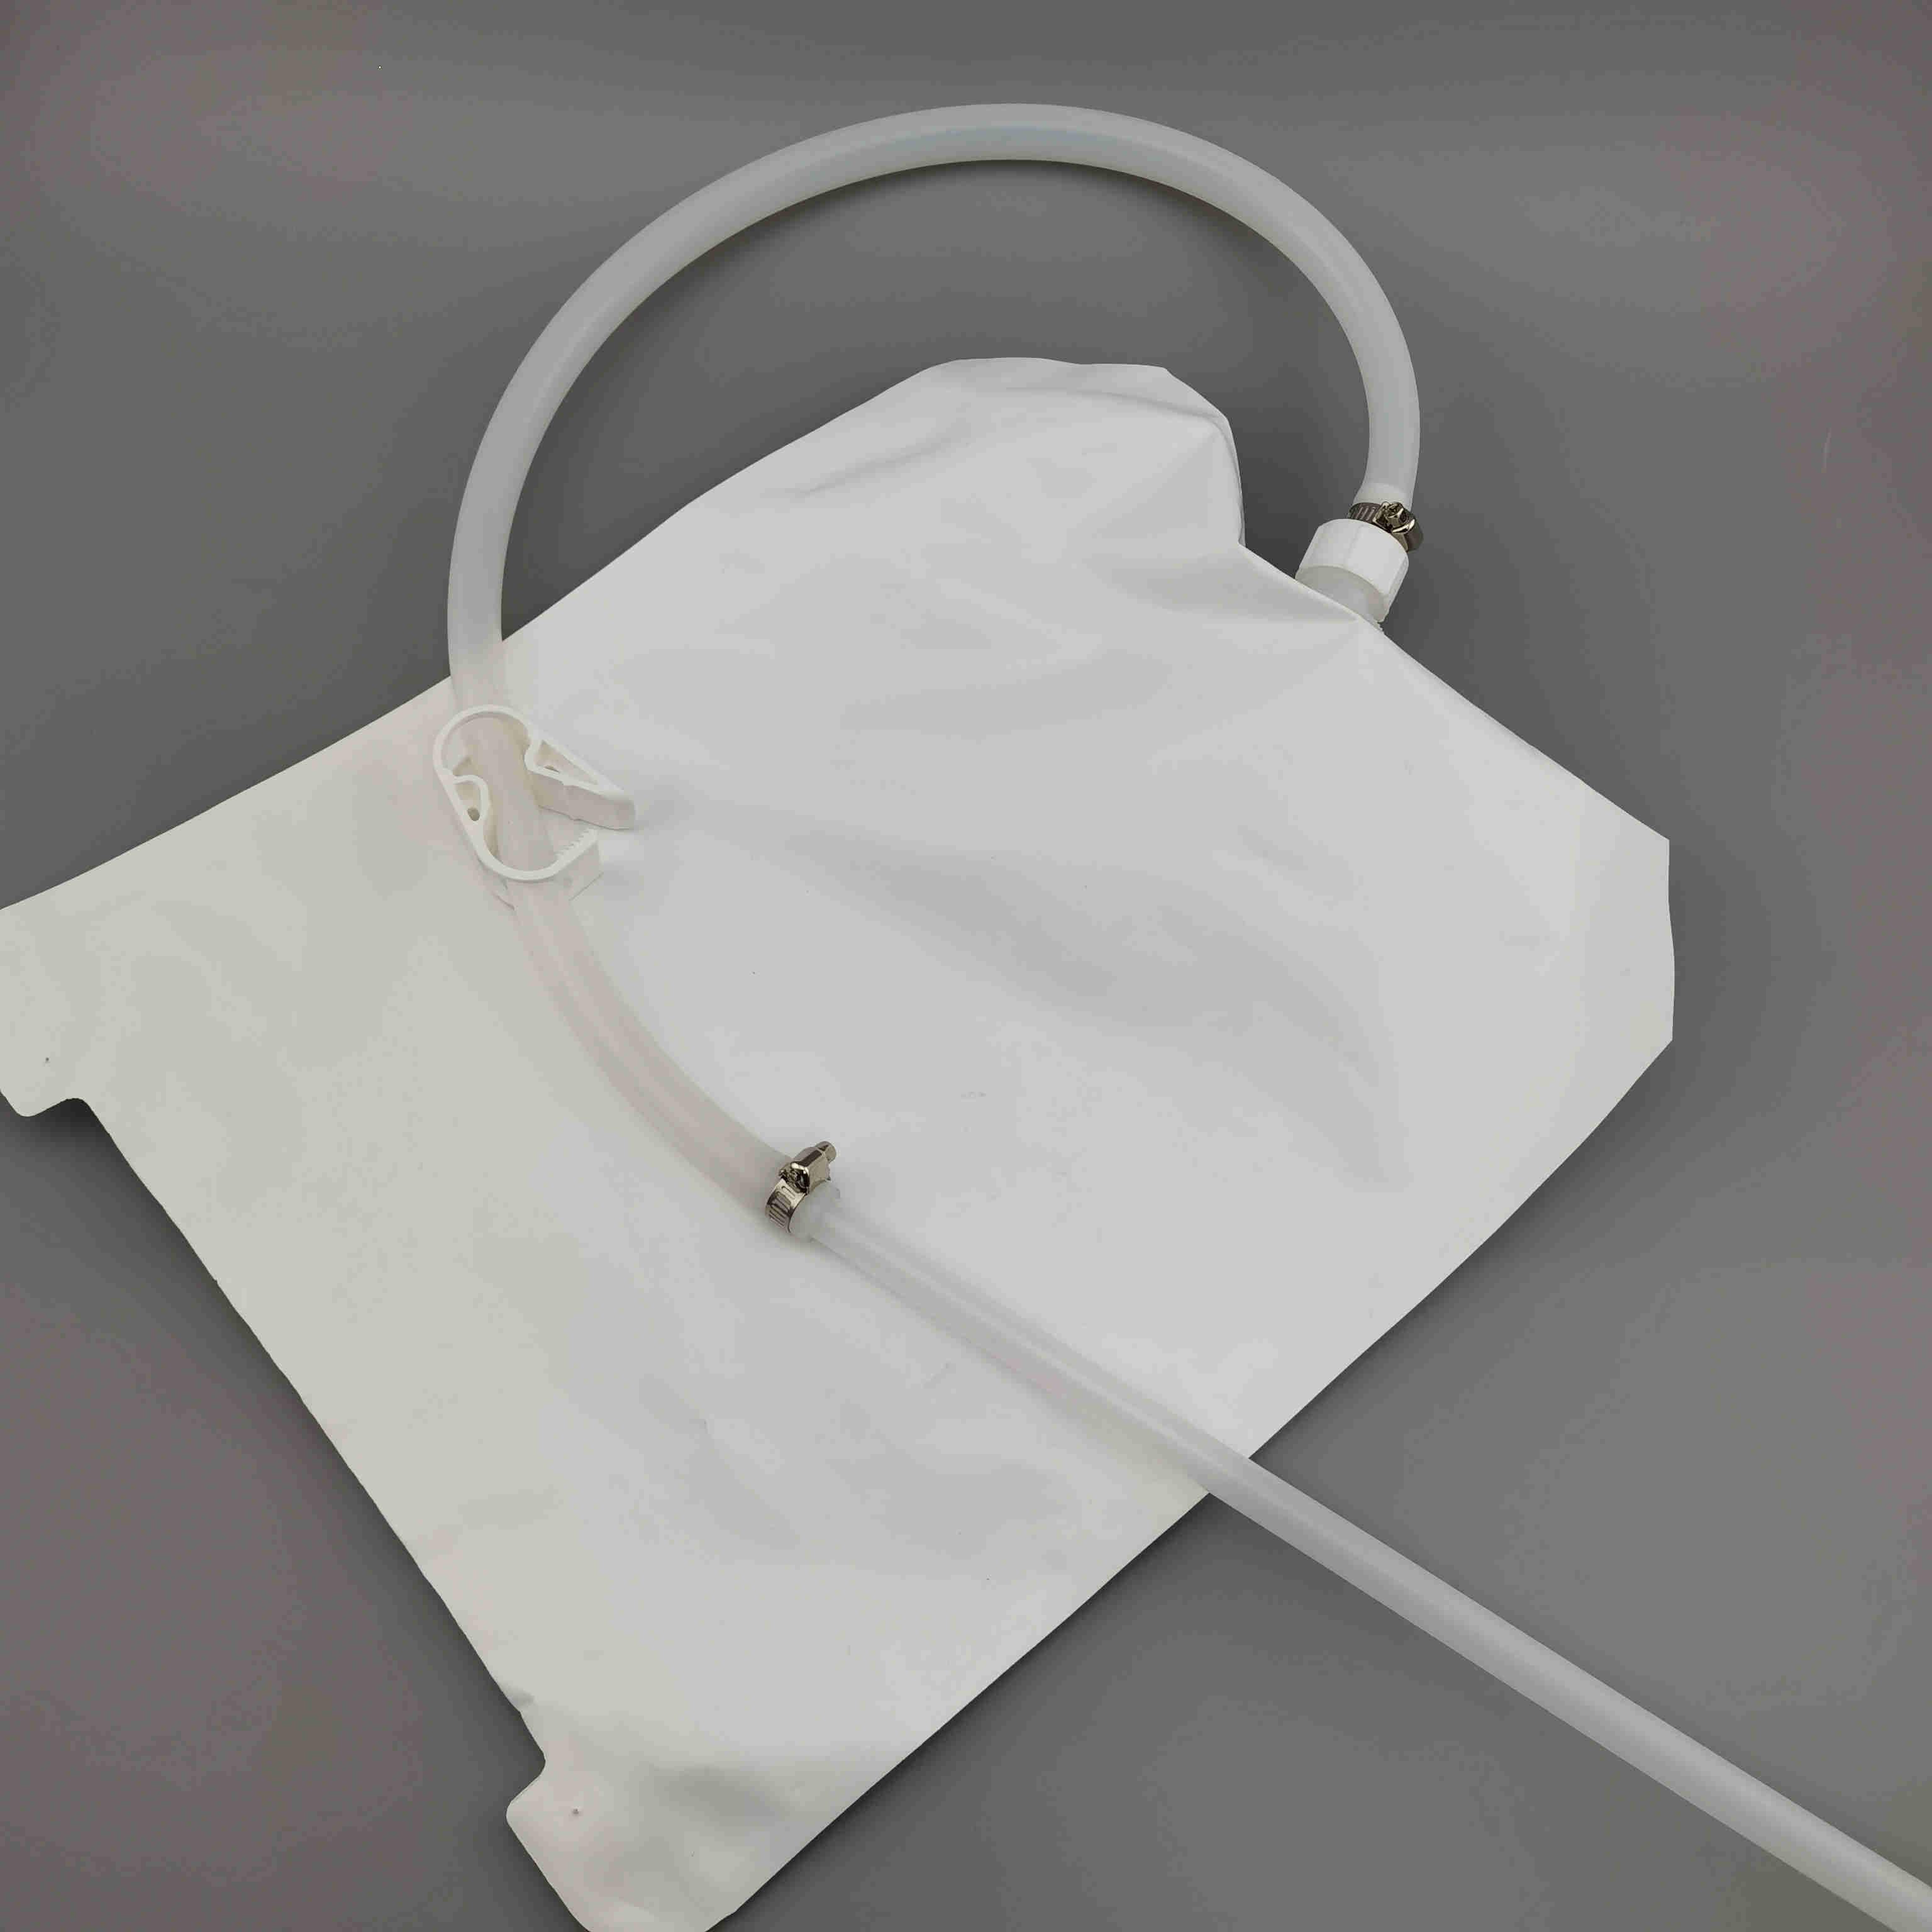 订制手提4L犊牛初乳袋小牛初乳灌服自立袋犊牛初乳铝箔吸嘴袋